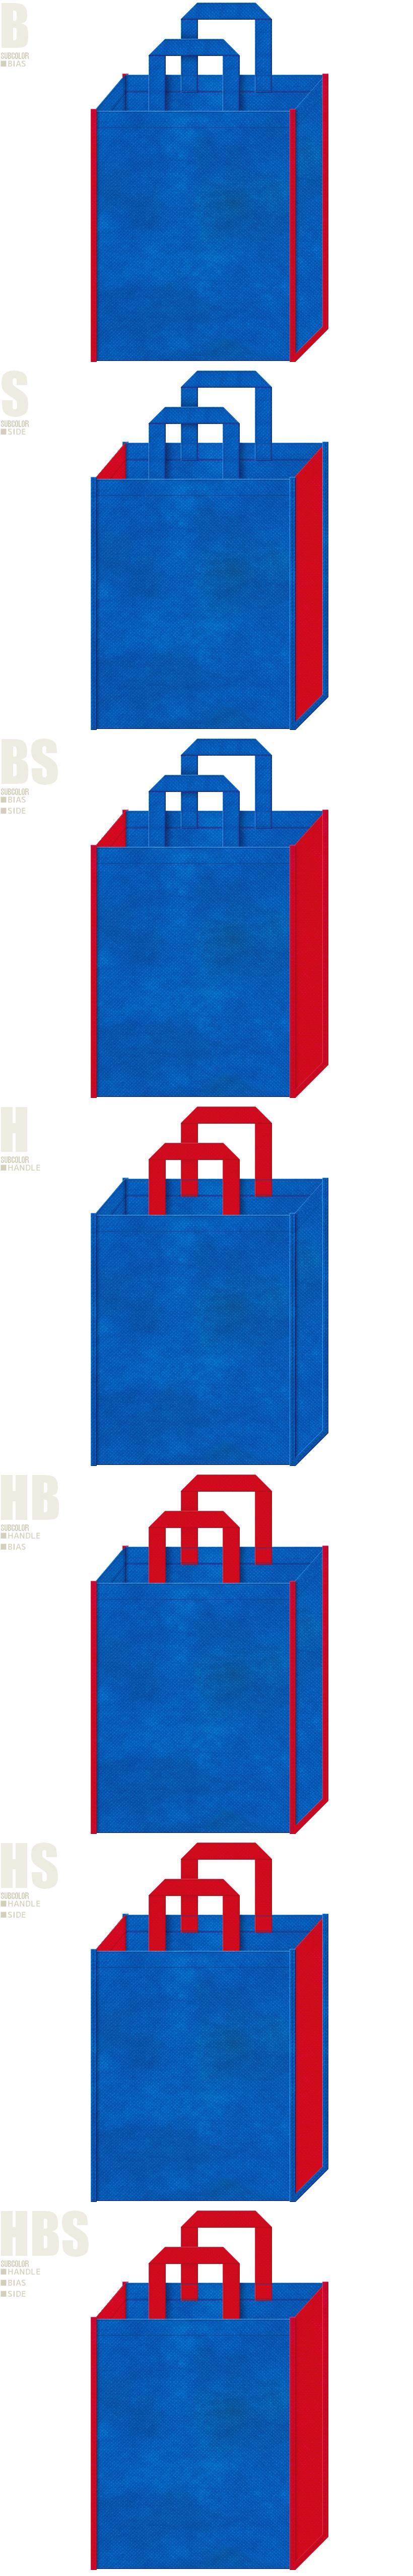 不織布トートバッグのデザイン例-不織布メインカラーNo.22+サブカラーNo.35の2色7パターン